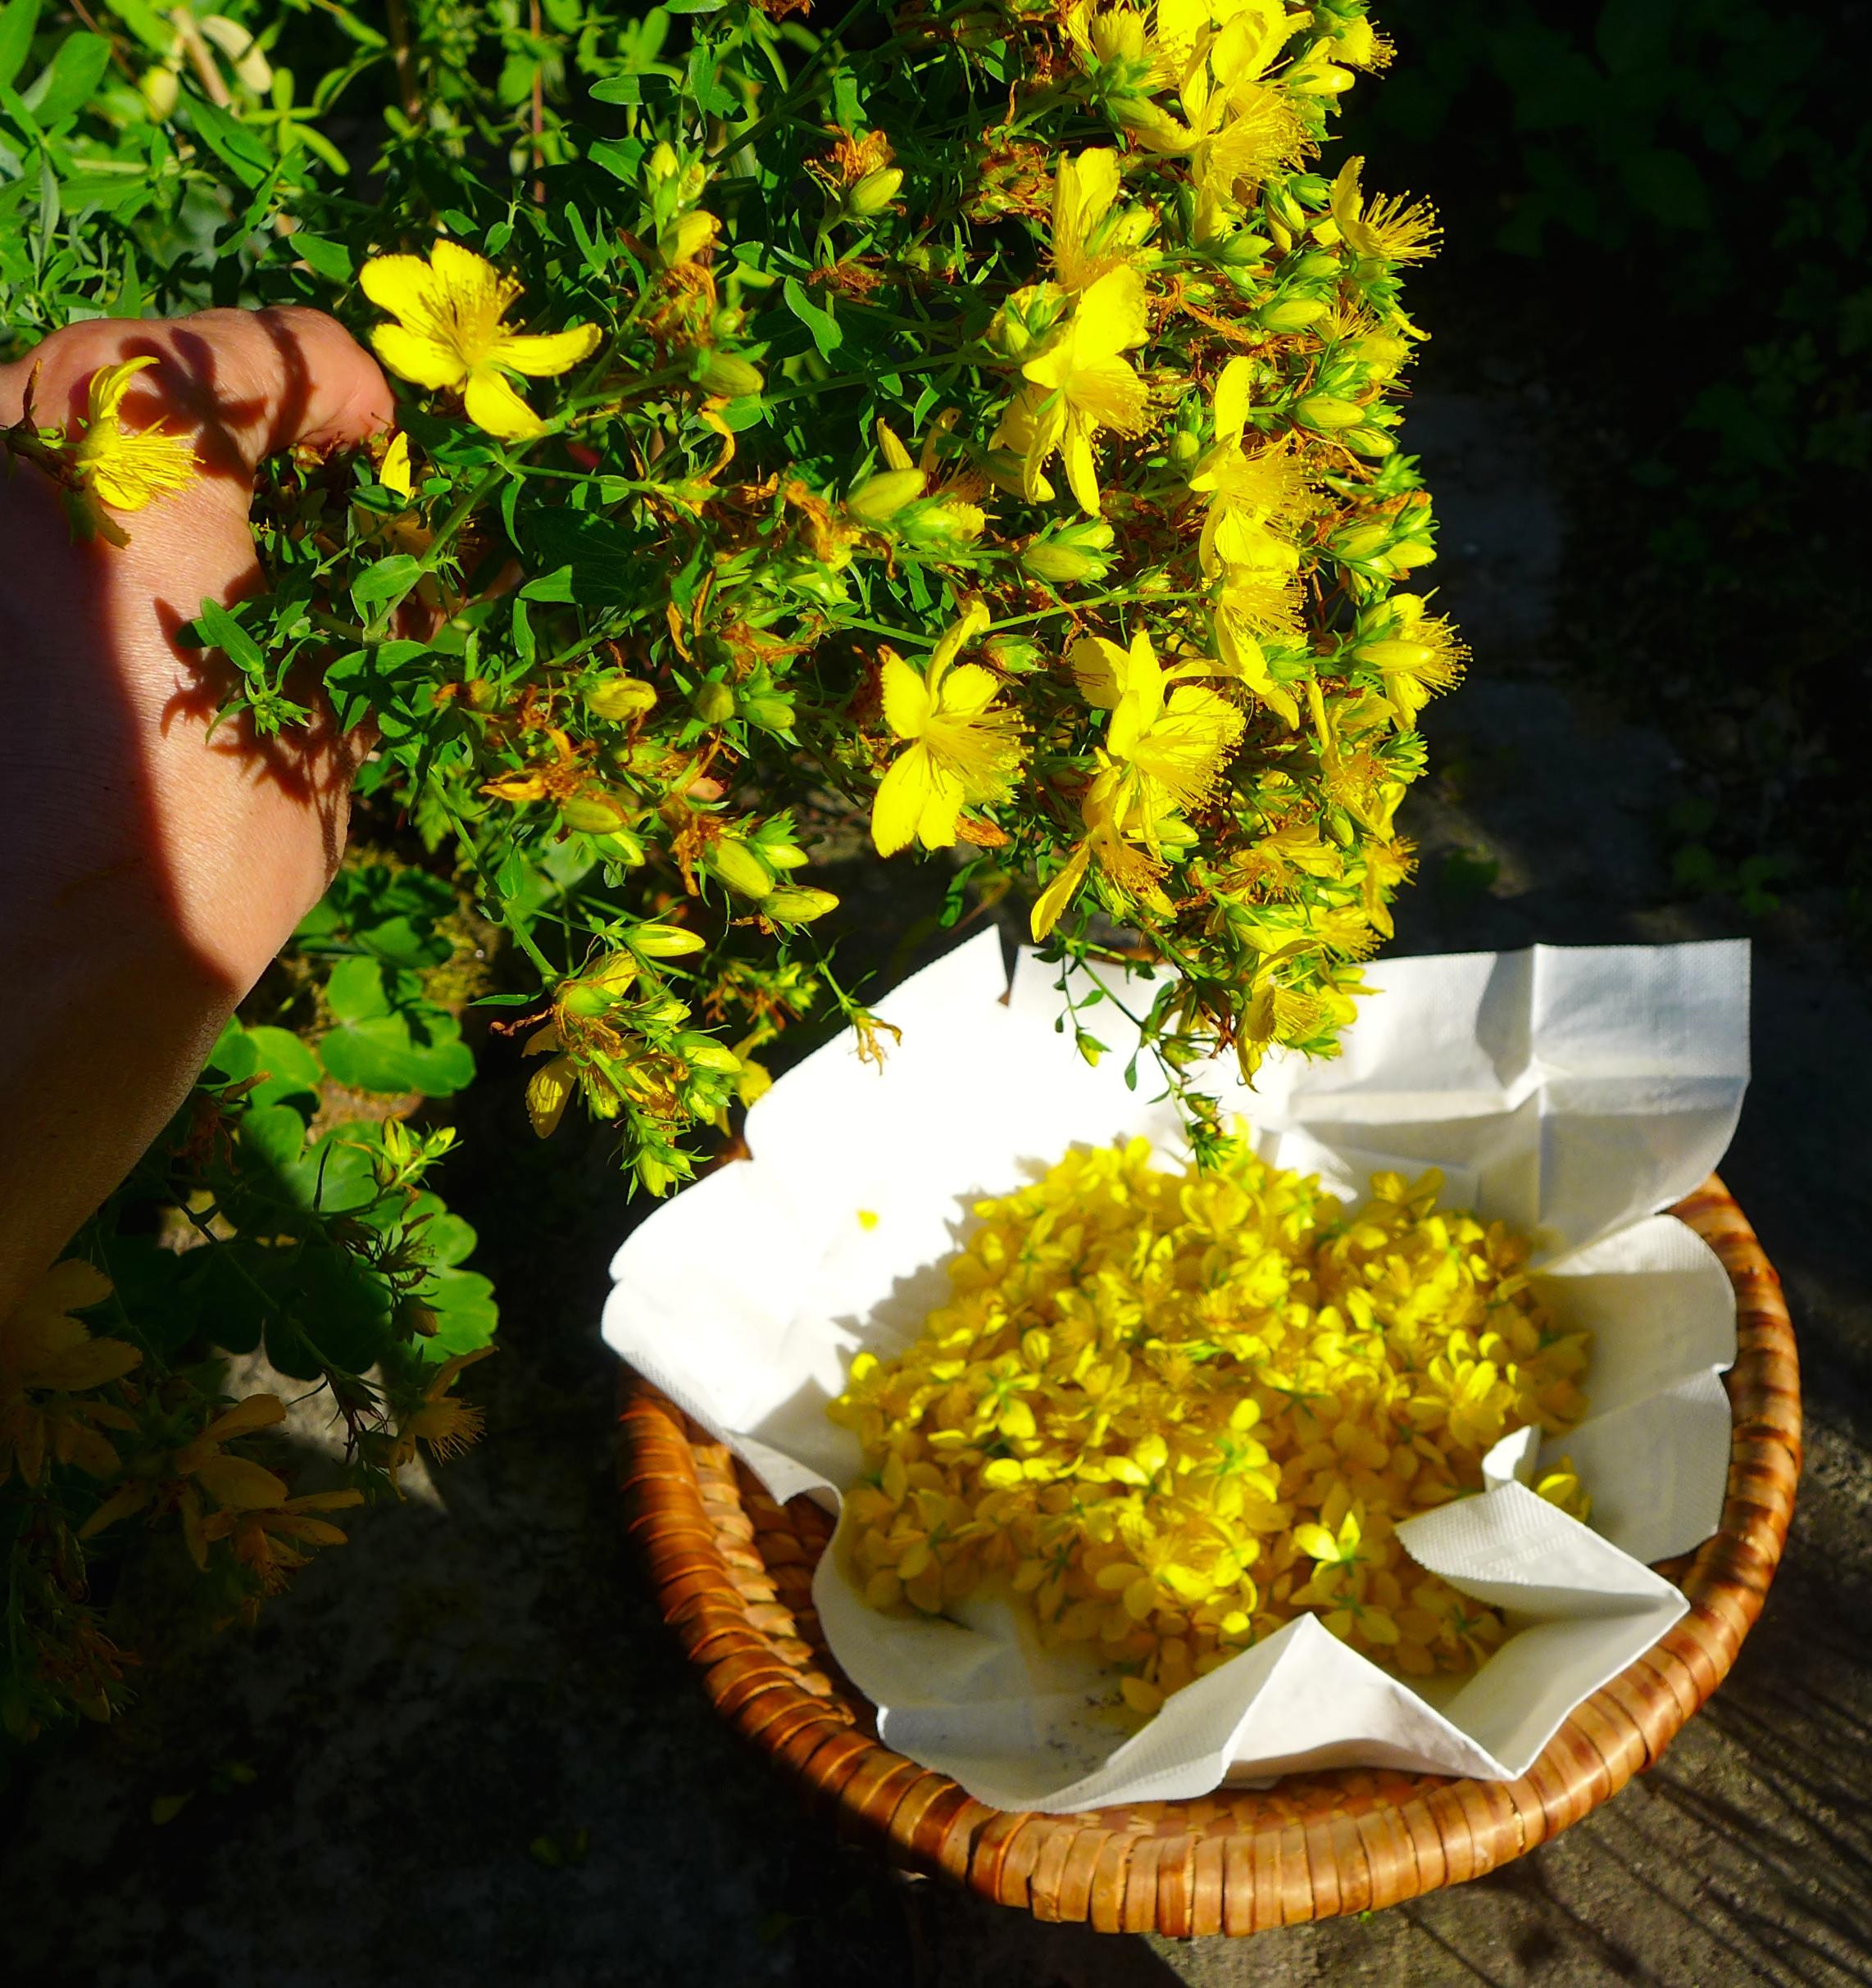 Johanniskraut blüht von Juni - August und kann daher immer wieder geerntet werden.